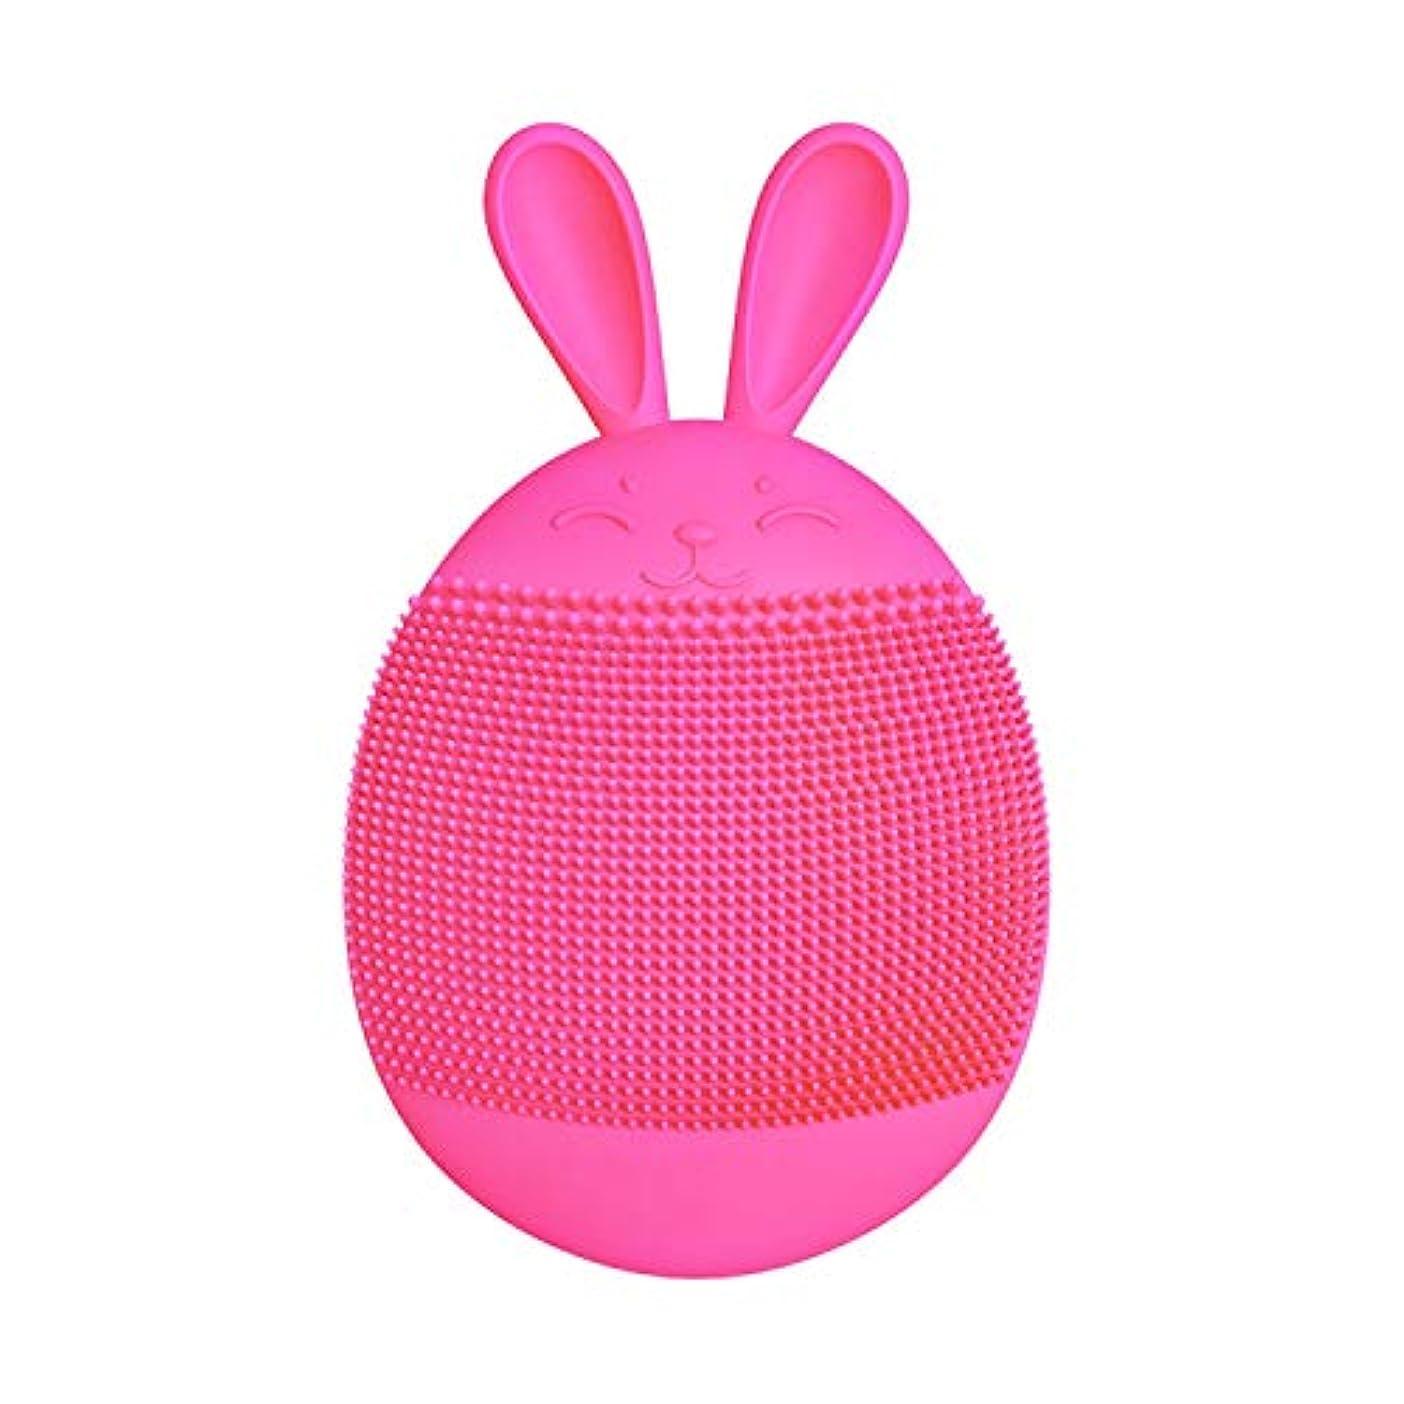 コック約設定消費するクレンジングブラシ、シリコンハンドヘルド電動クレンジング楽器多機能ポータブル洗顔美容器具(ピンク),D